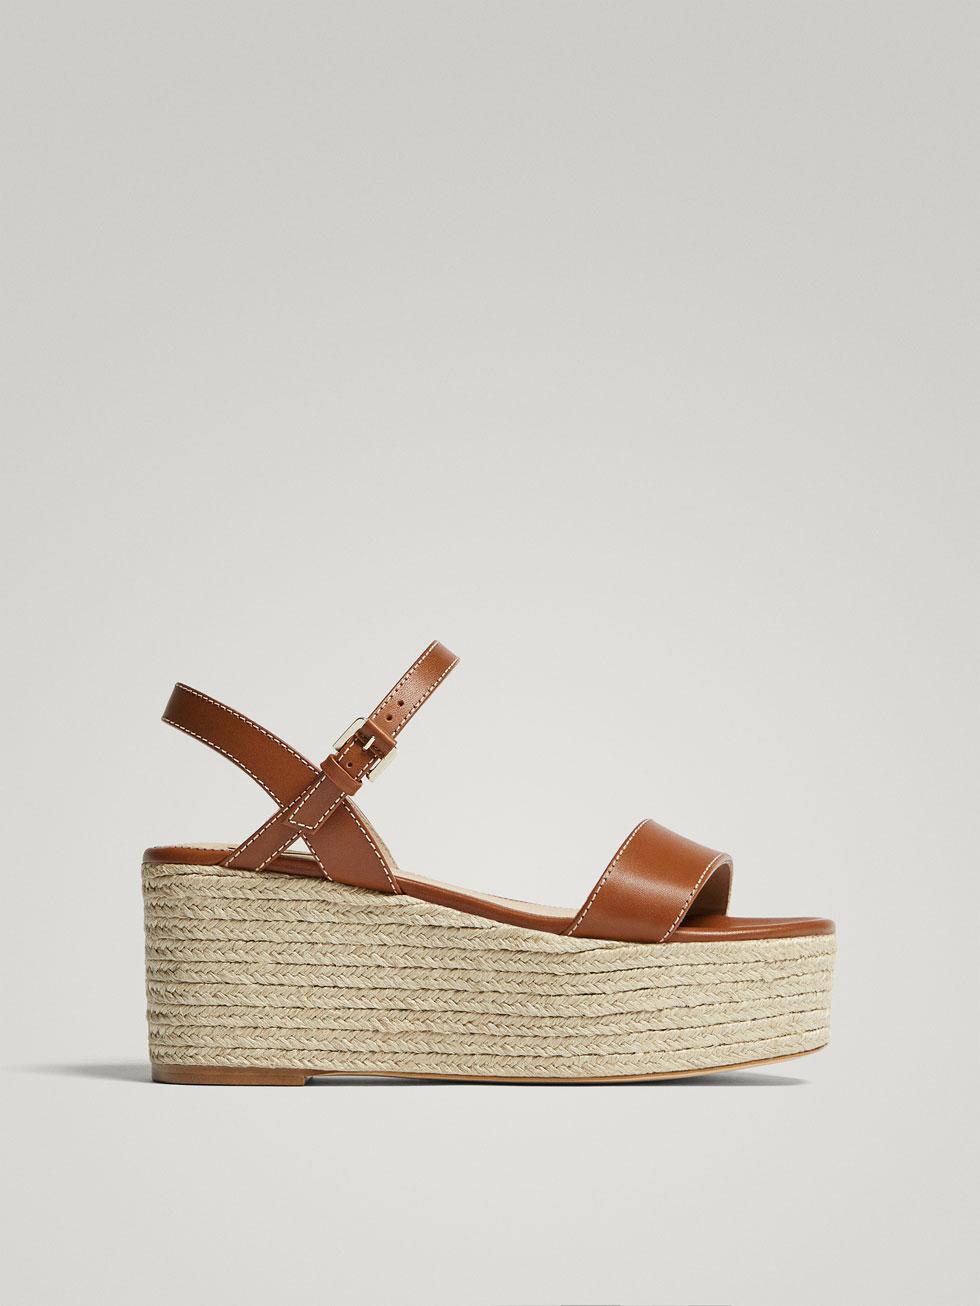 Zapatos de verano cómodos con plataforma